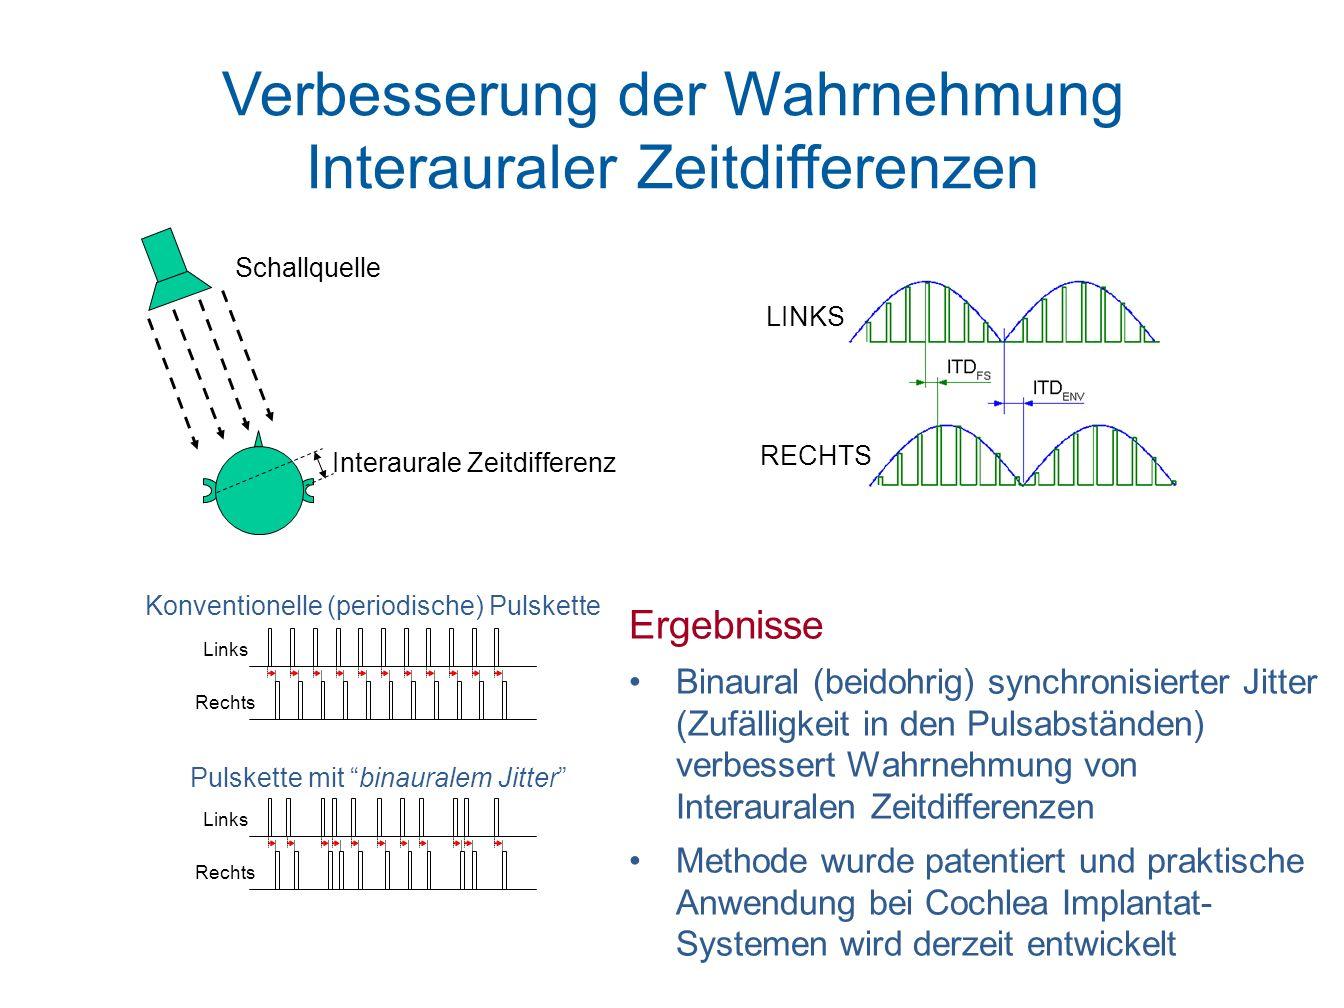 Verbesserung der Wahrnehmung Interauraler Zeitdifferenzen